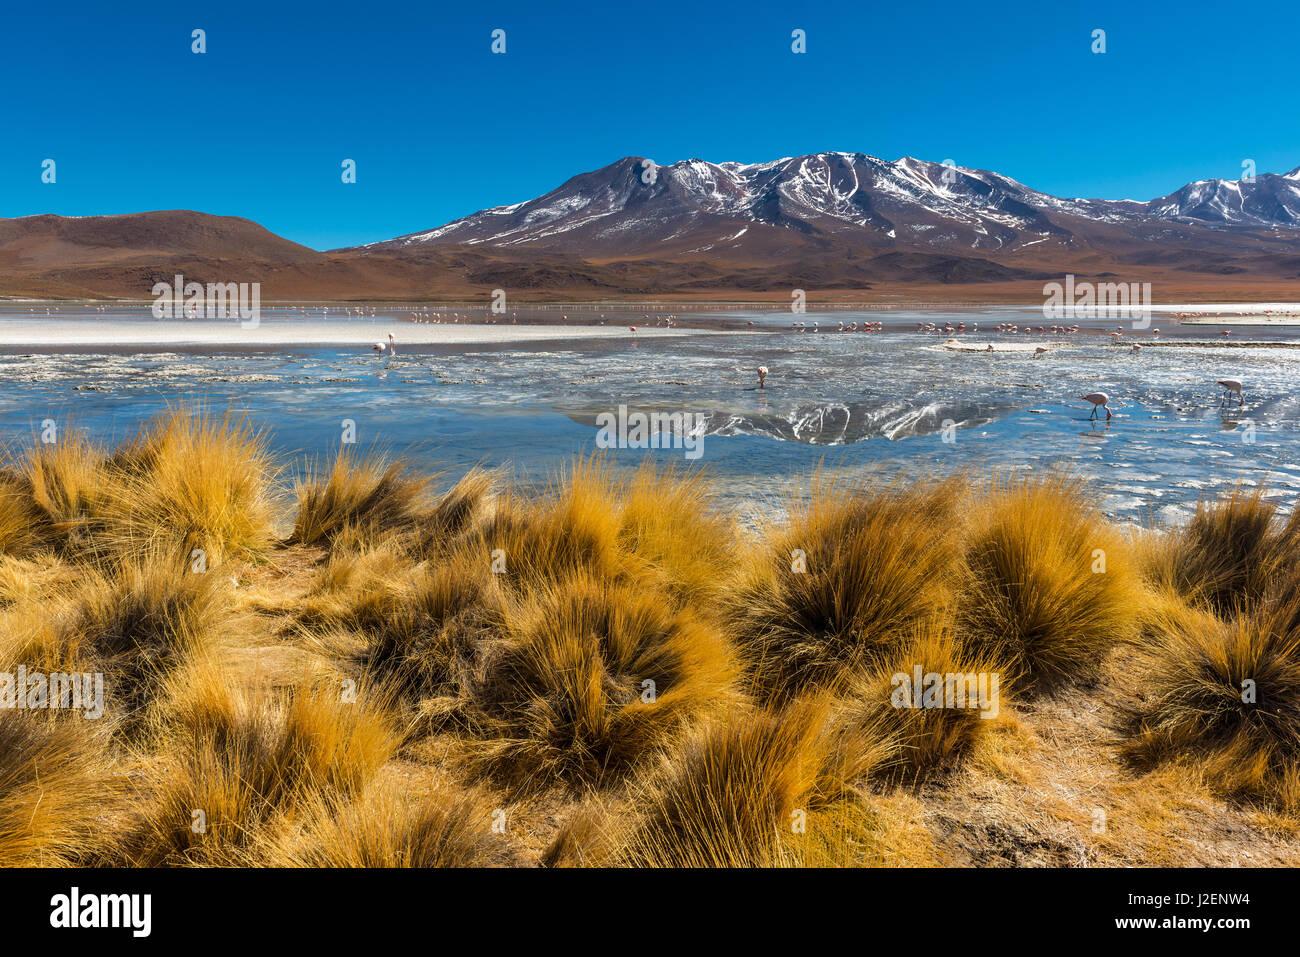 Andes de pasto y un lago a gran altitud con andes y flamencos chilenos en la cordillera de Los Andes de Bolivia Imagen De Stock